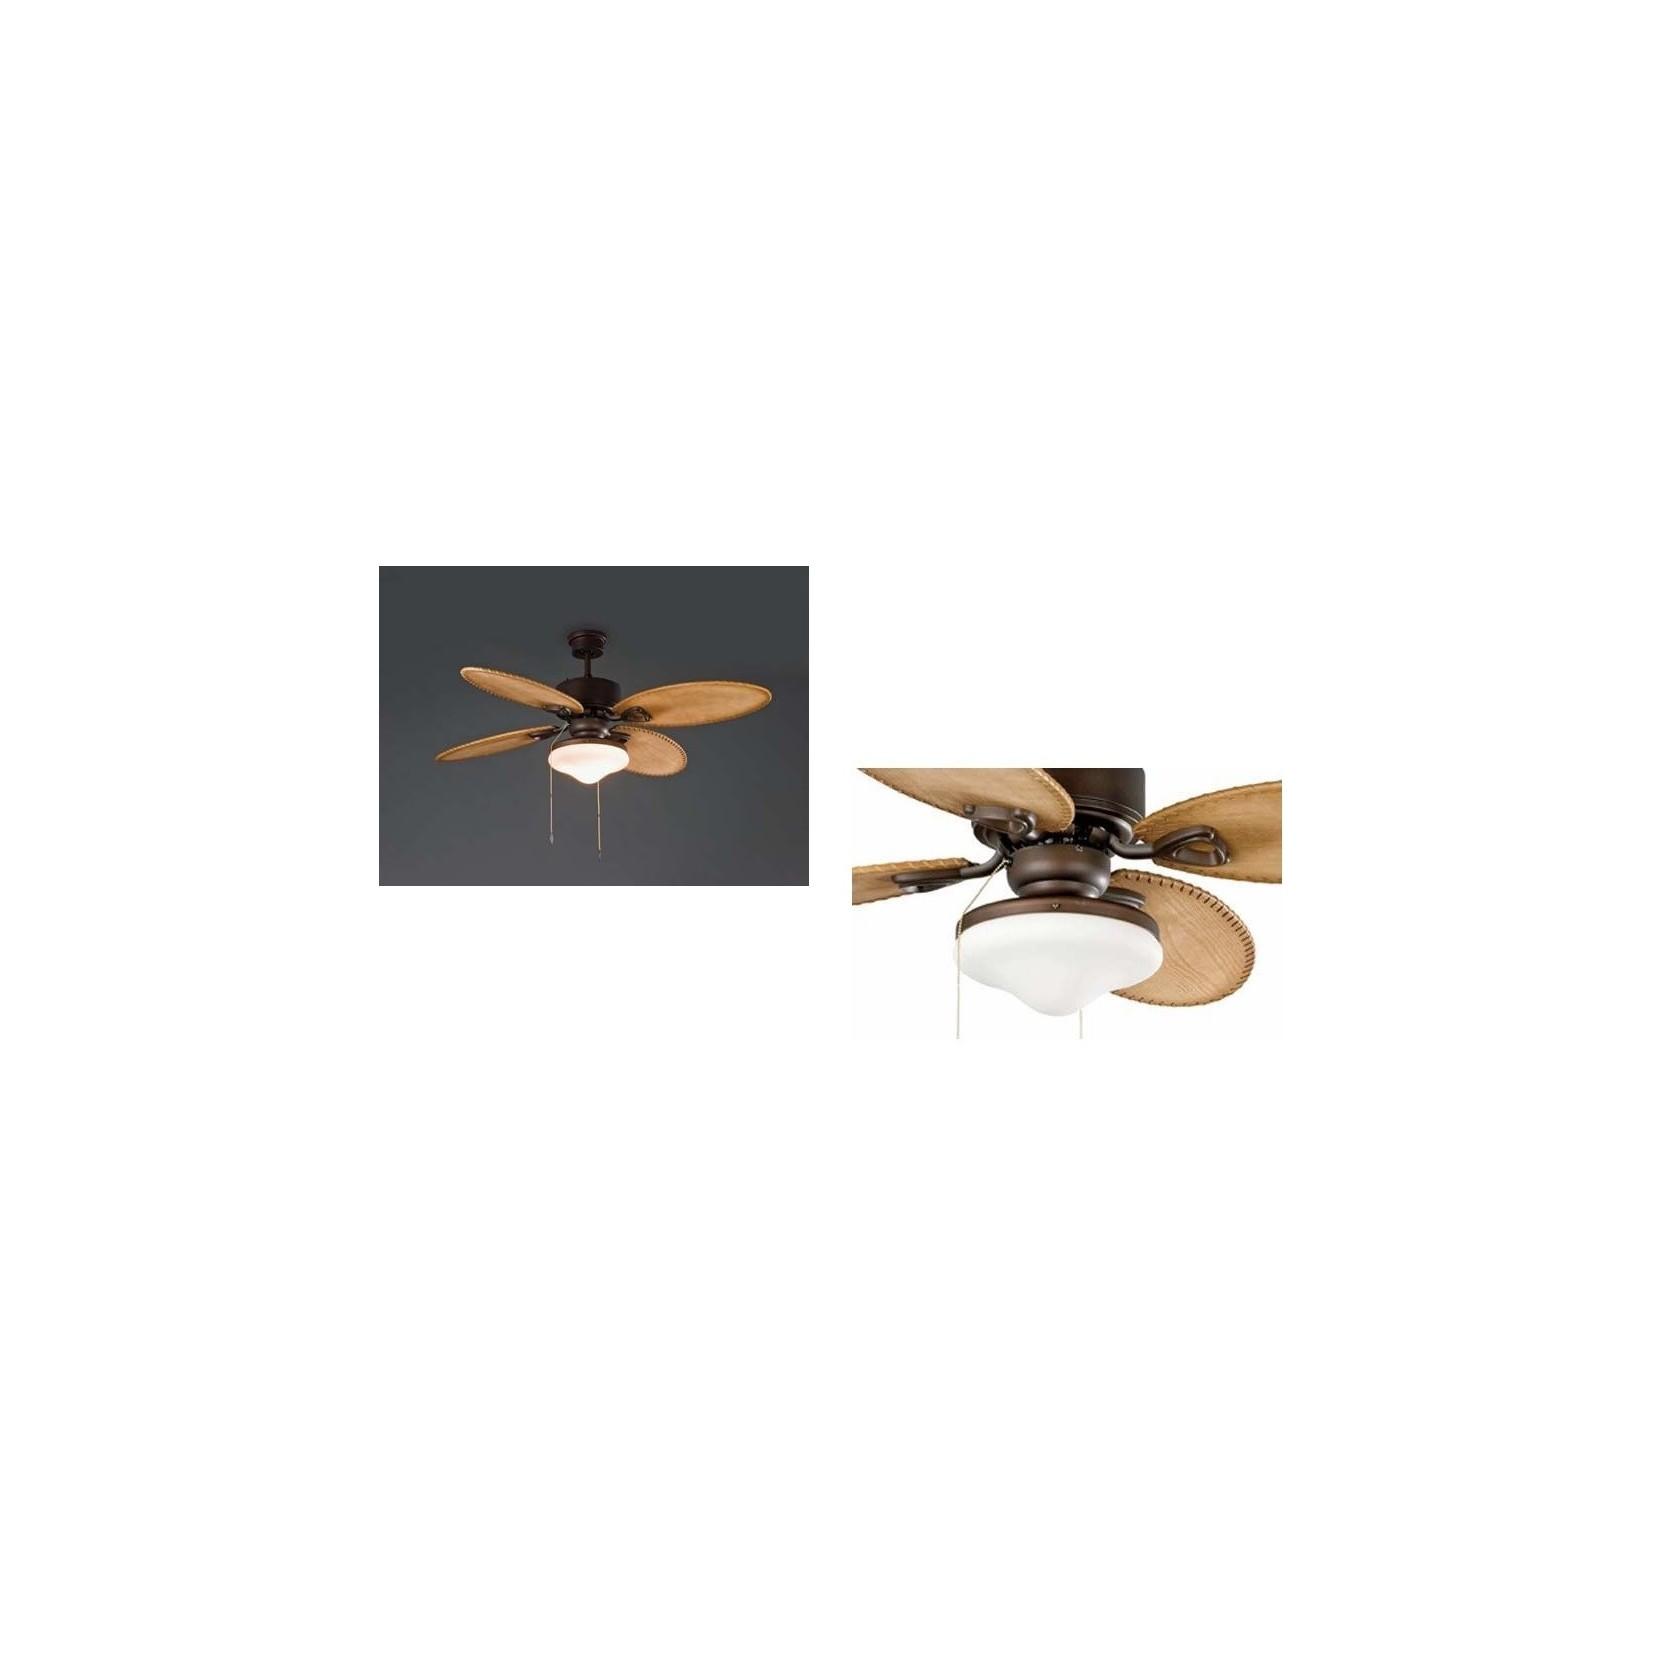 Ventilatore soffitto faro lombok 33019 for Ventilatore a pale da soffitto silenzioso